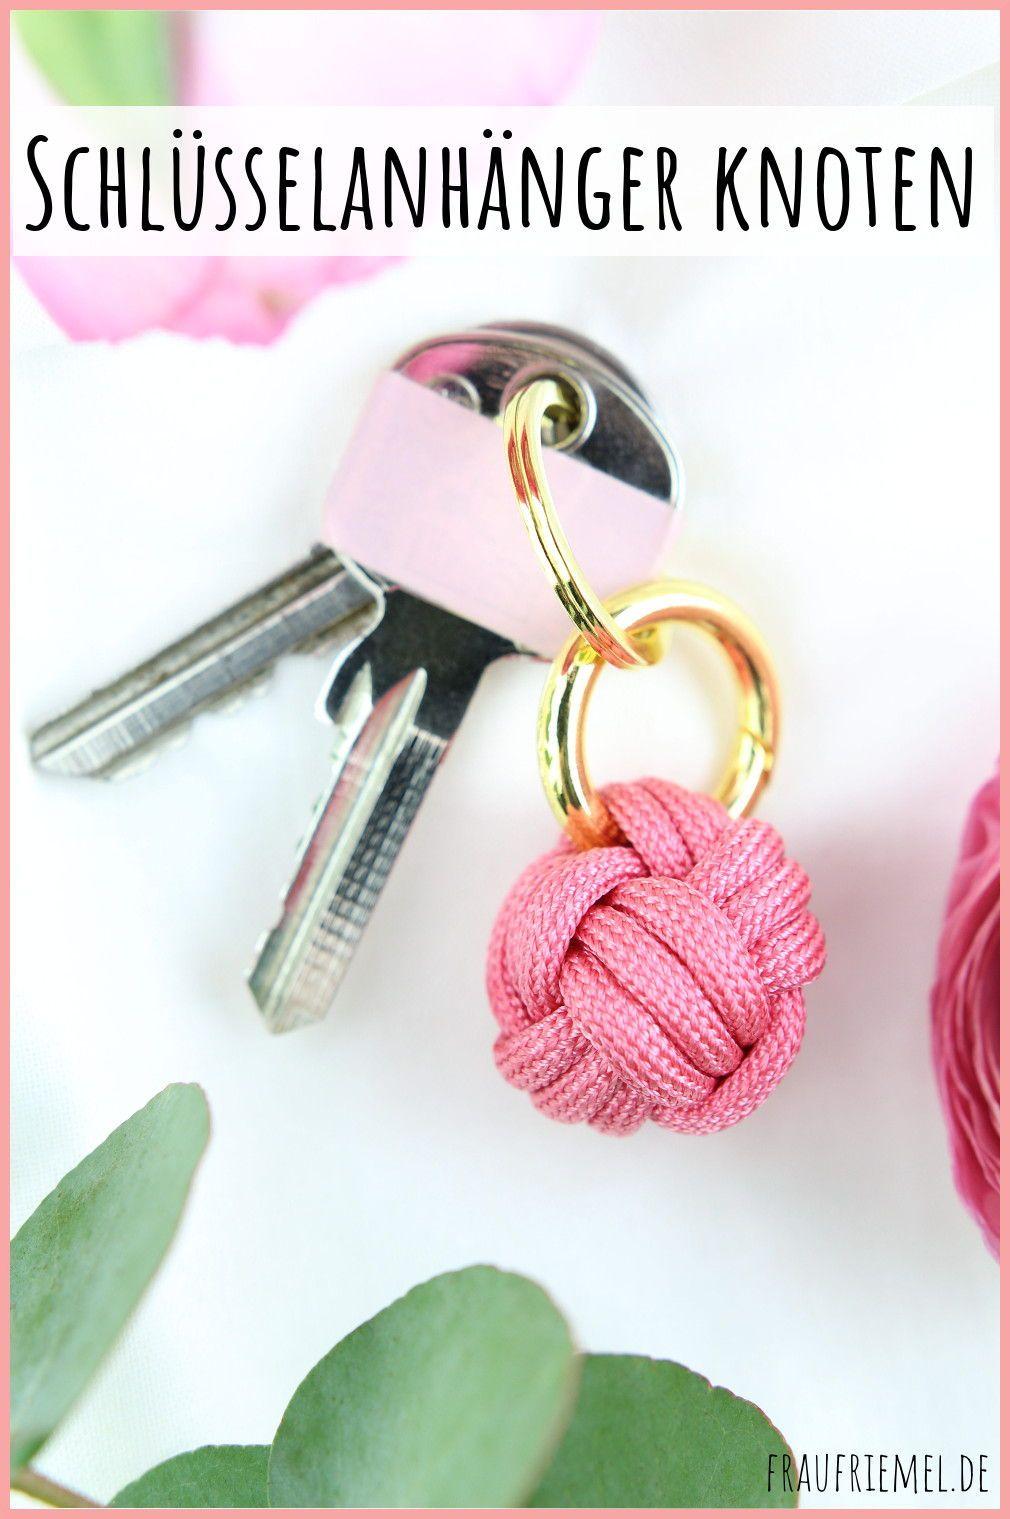 Schlüsselanhänger knoten aus Paracord | frau friemel